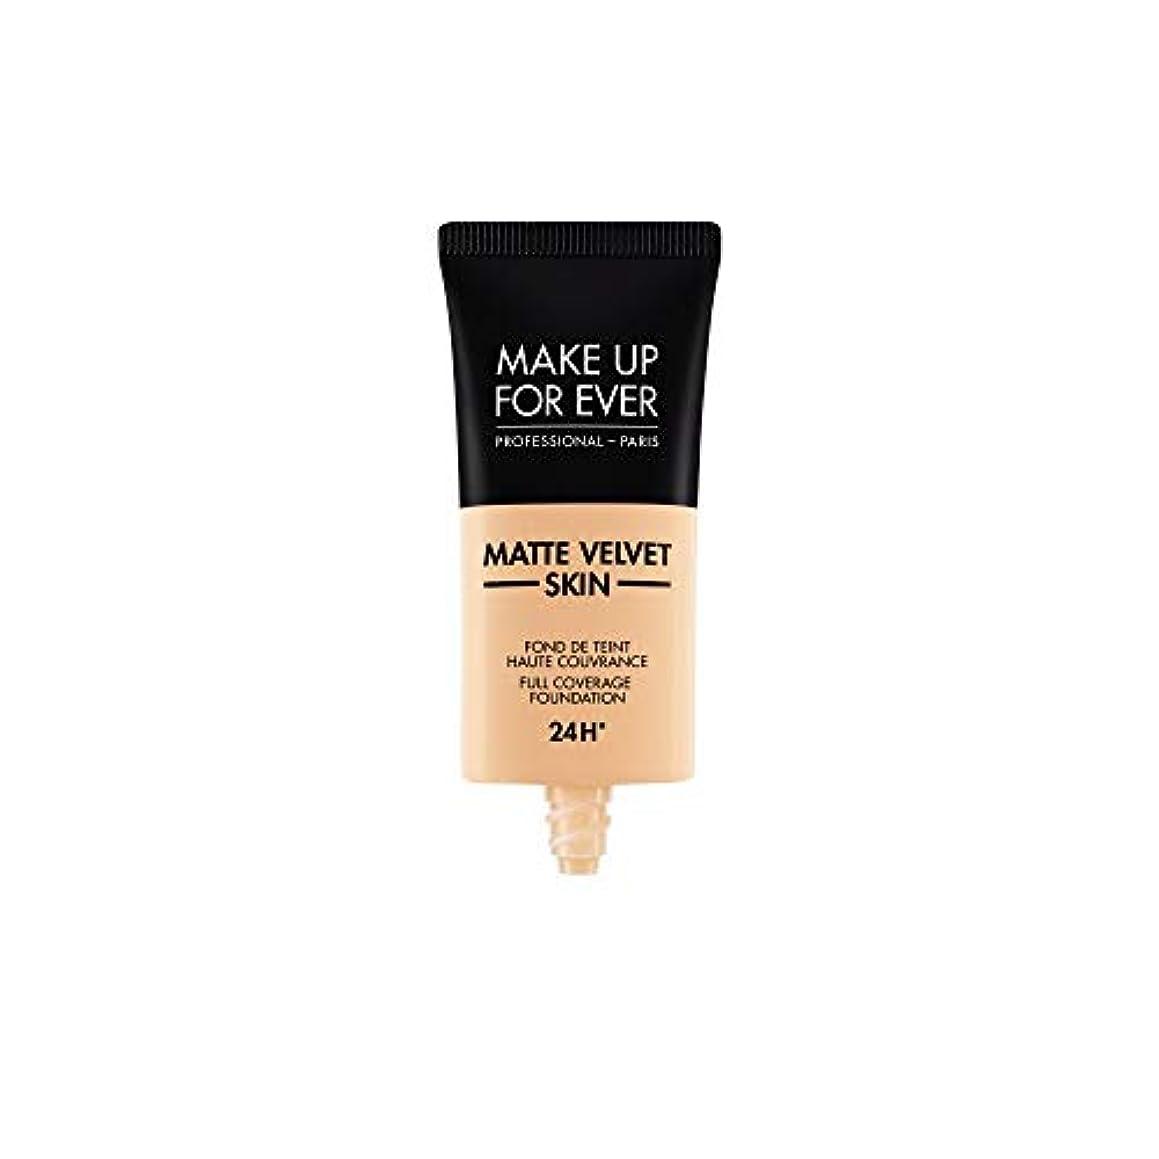 エレガント特殊破壊メイクアップフォーエバー Matte Velvet Skin Full Coverage Foundation - # R260 (Pink Beige) 30ml/1oz並行輸入品